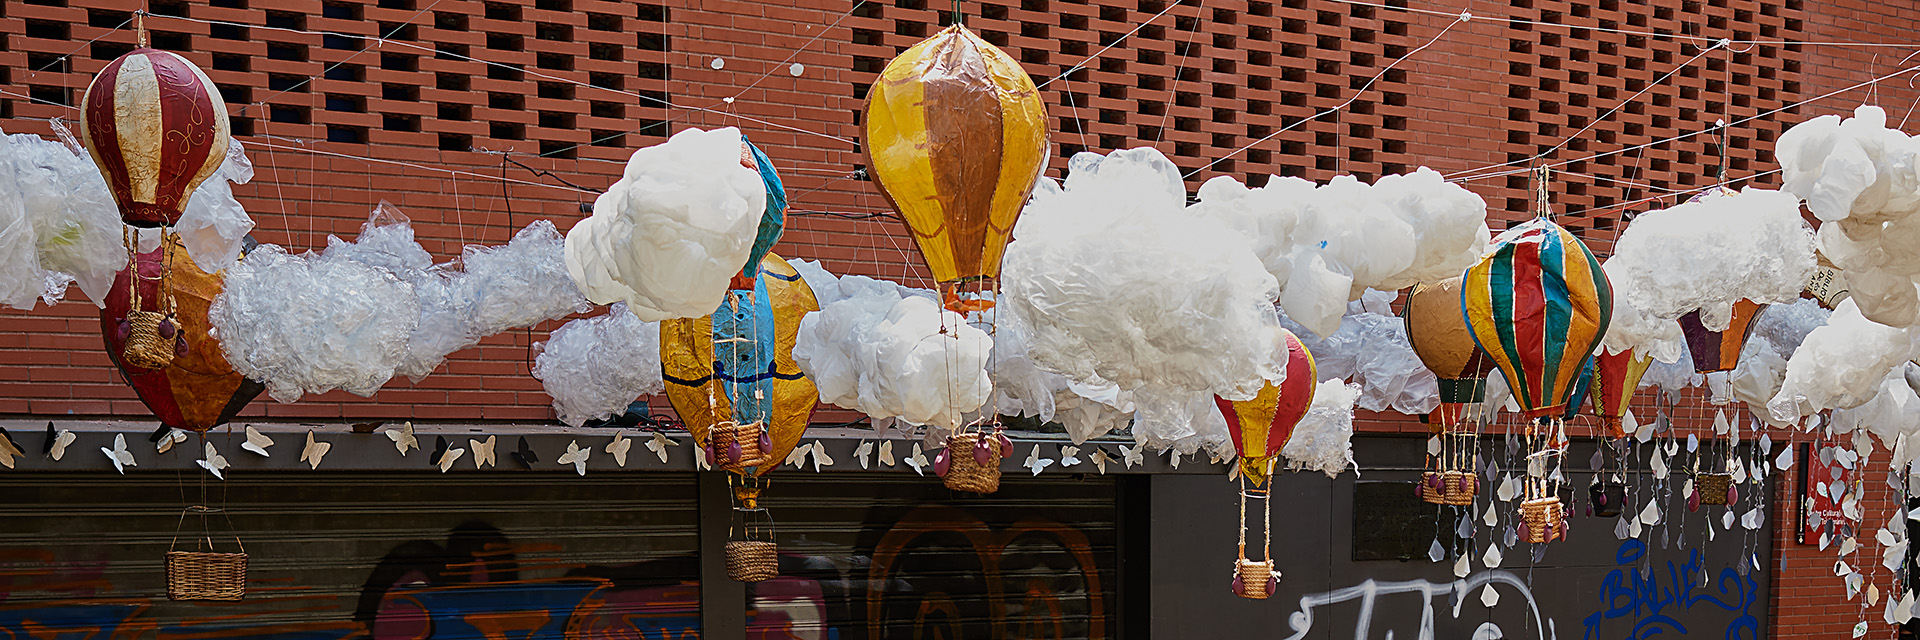 El guarnit dels carrers per la Festa Major de Gràcia